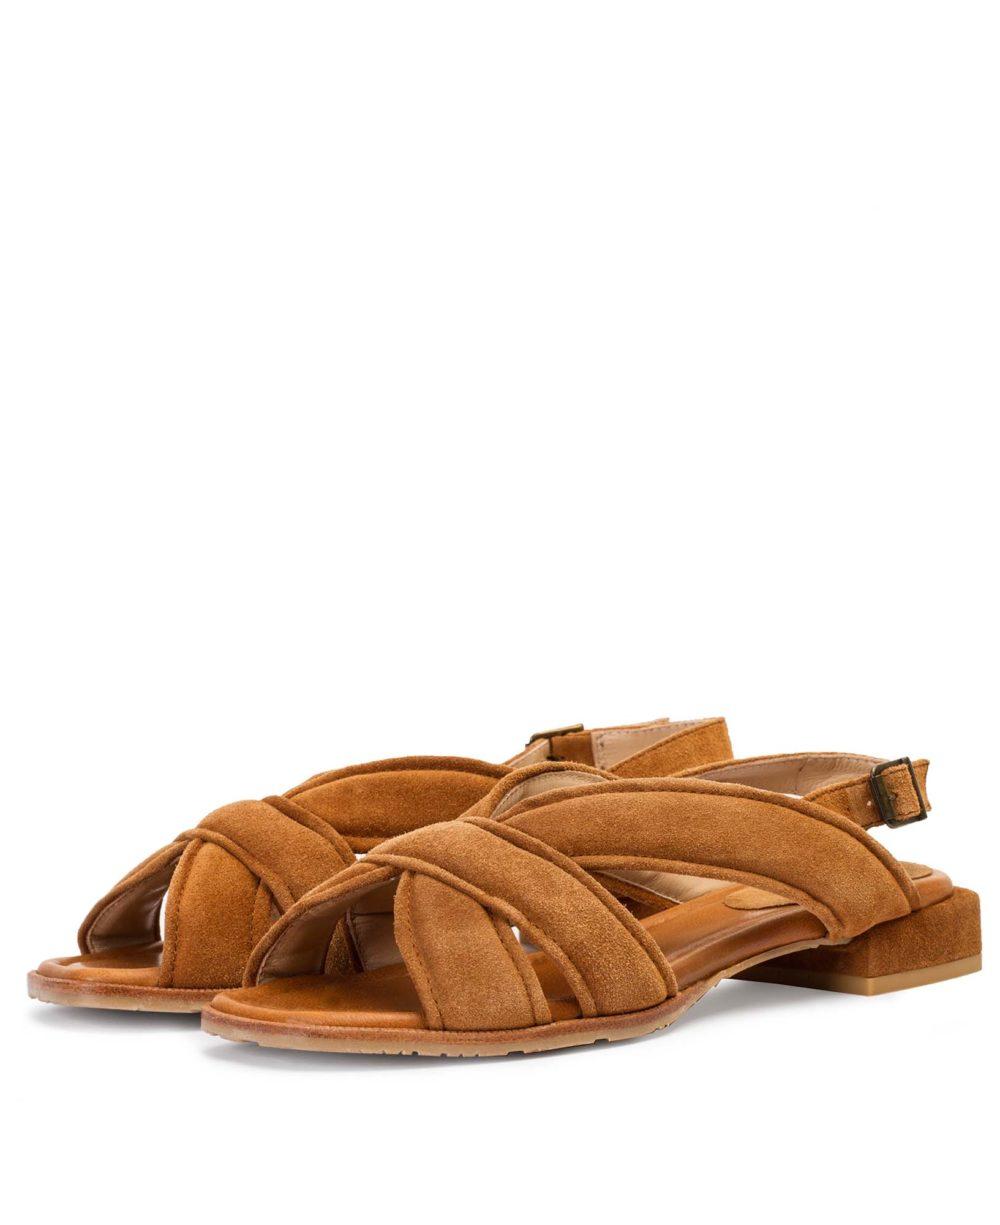 Sandalias de Piel Paco Gil - P-3917 Cuoio Velour